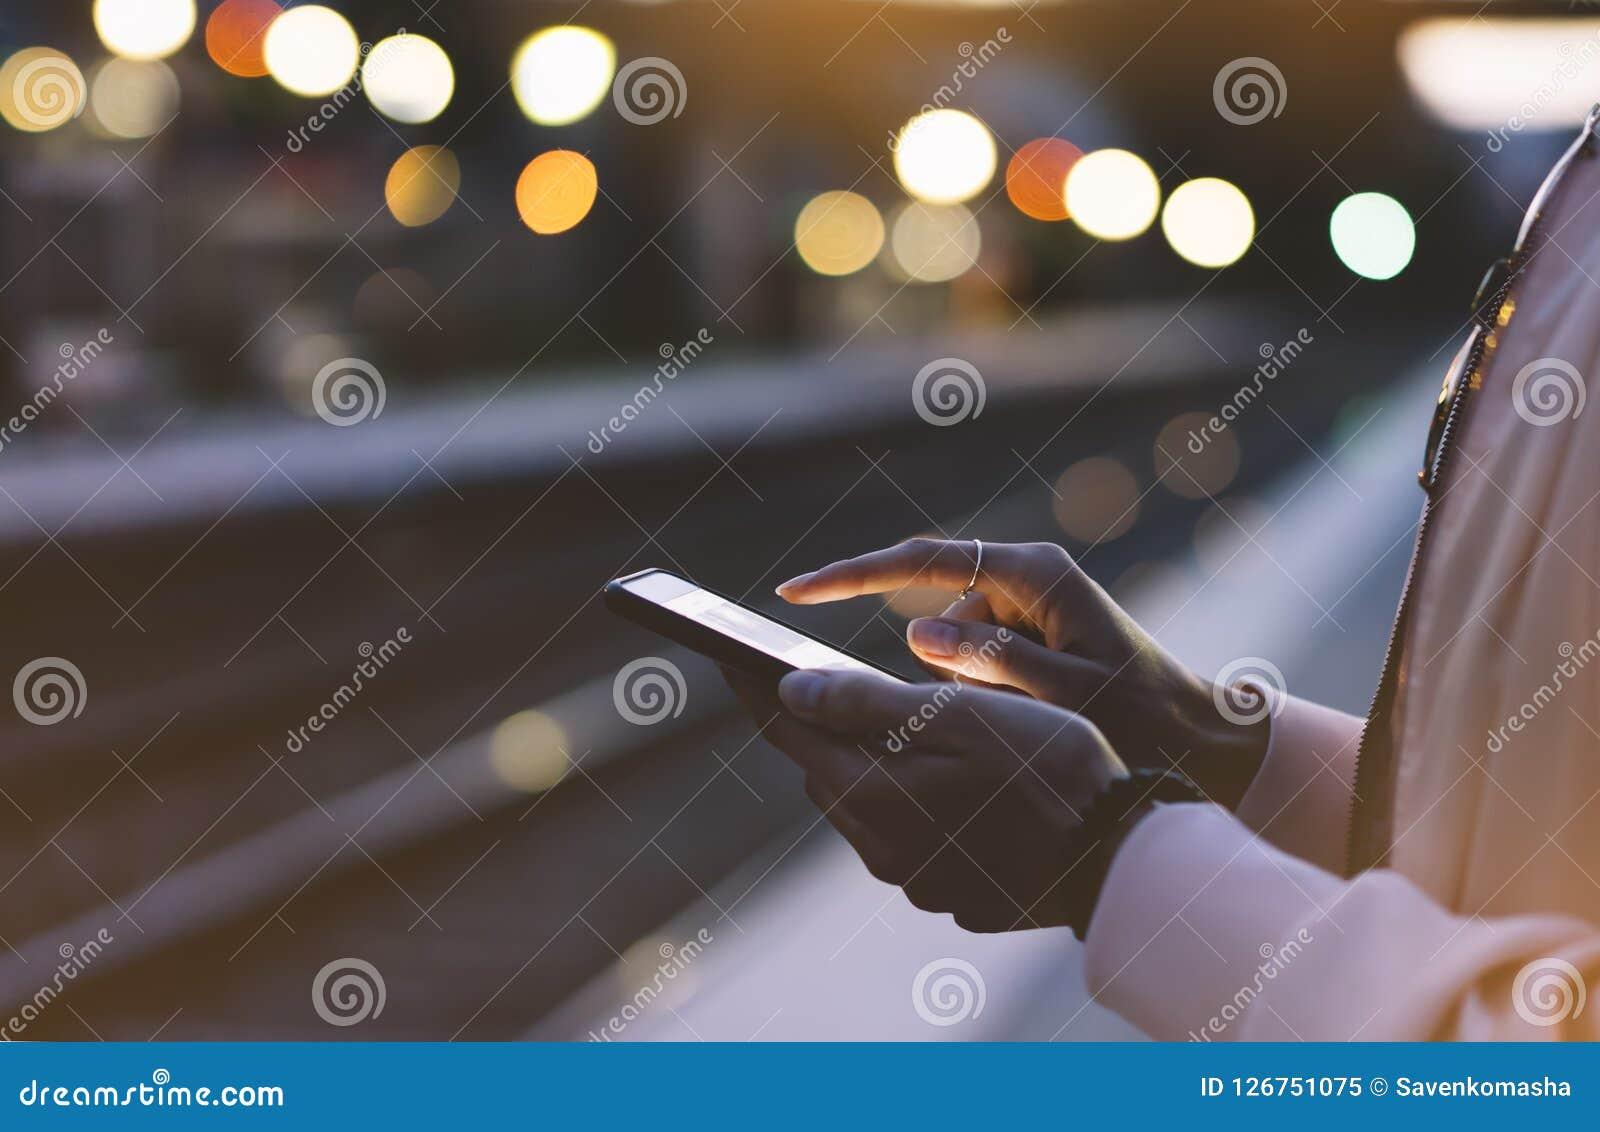 Cieszyć się podróż Młodej kobiety czekanie na stacyjnej platformie na tła światła elektrycznego chodzenia taborowym używa mądrze